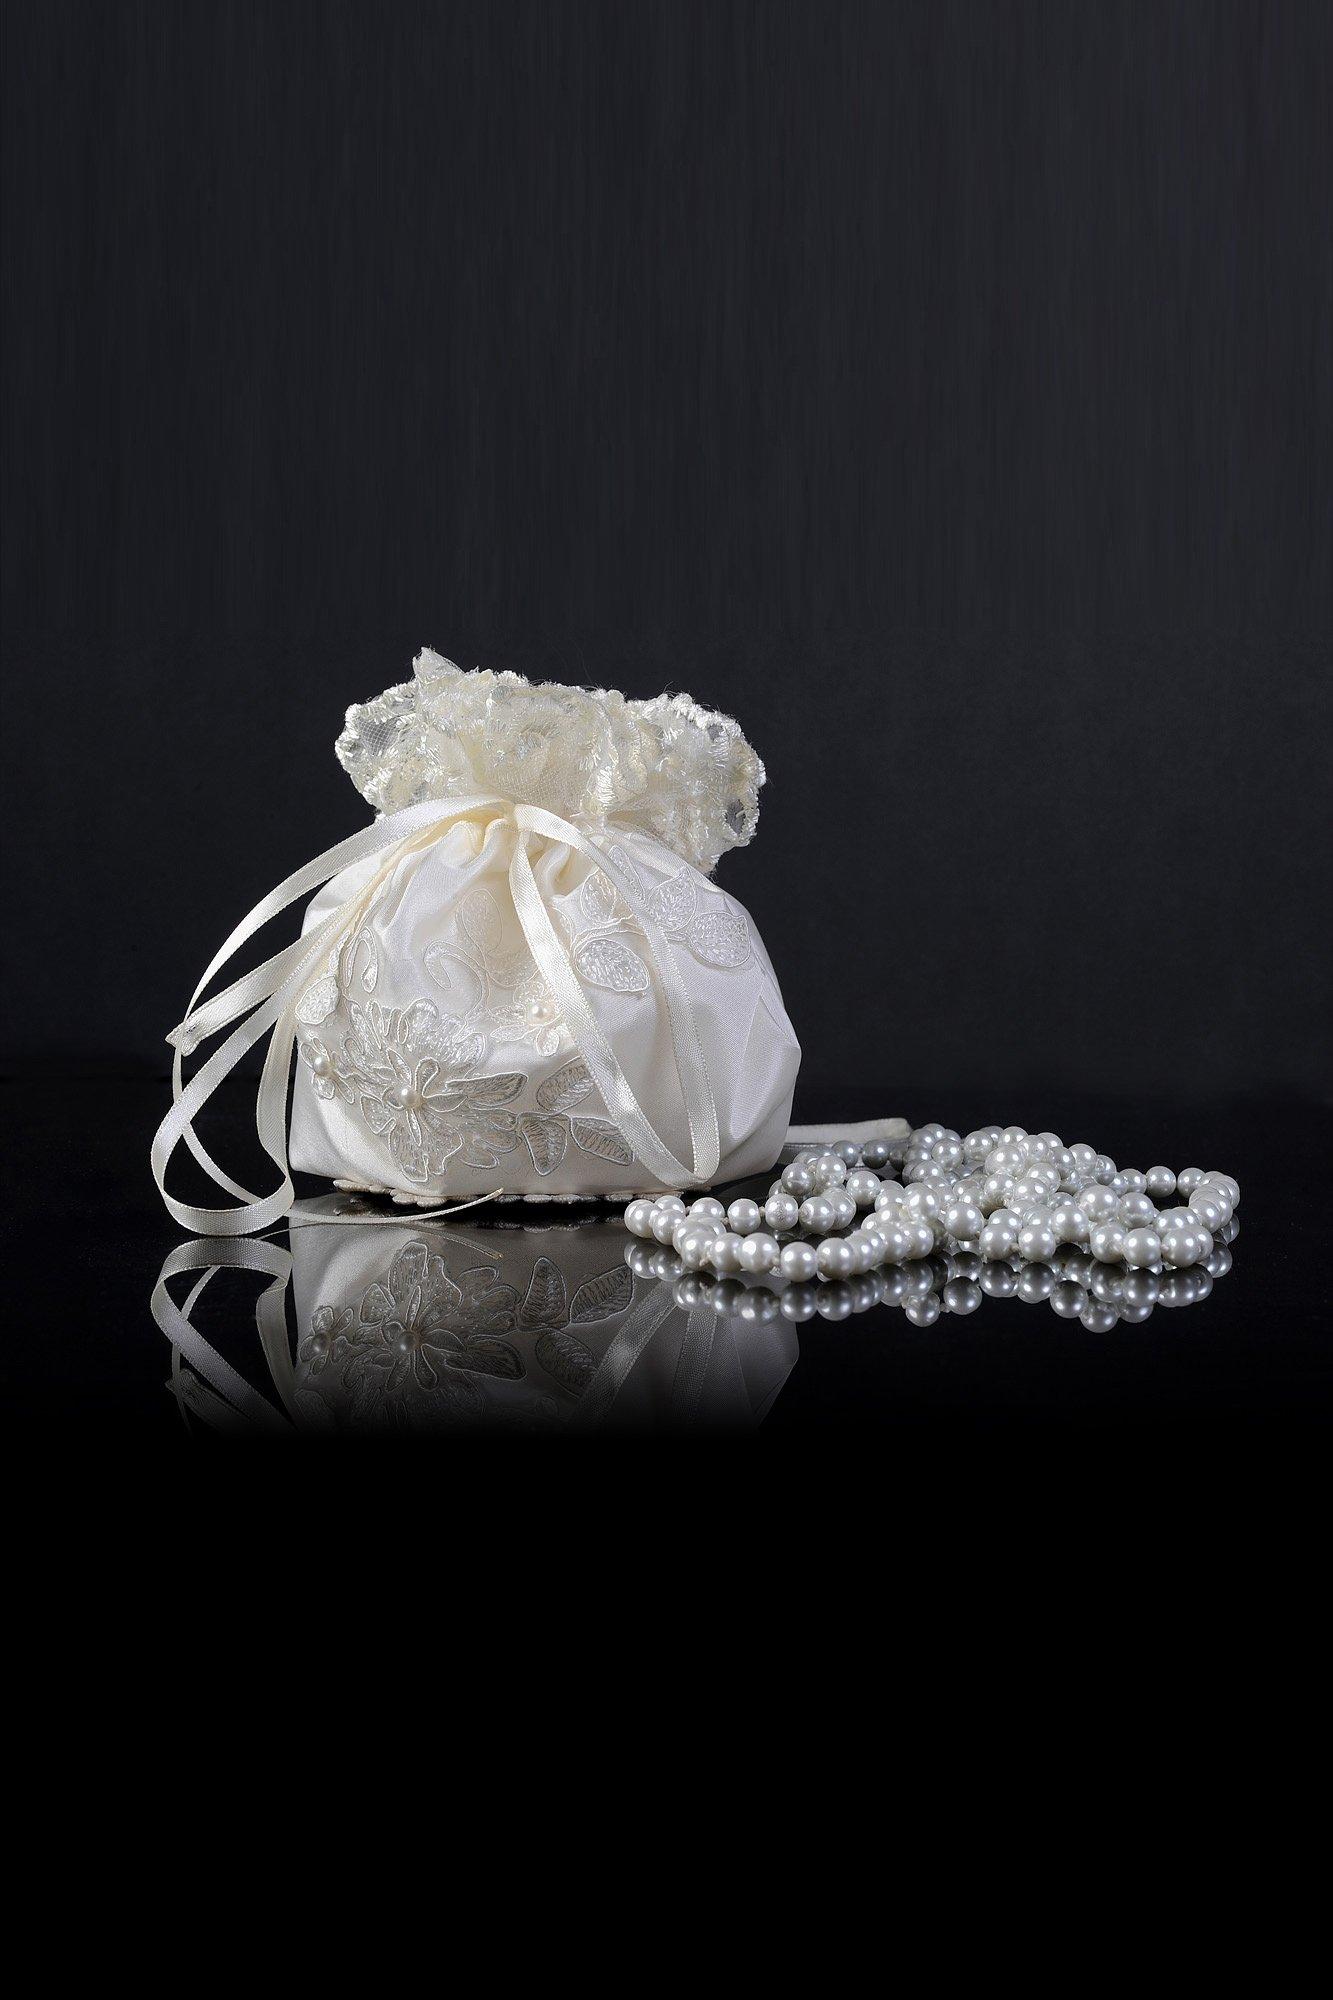 Небольшая свадебная сумочка оттенка слоновой кости, украшенная сверху кружевом.